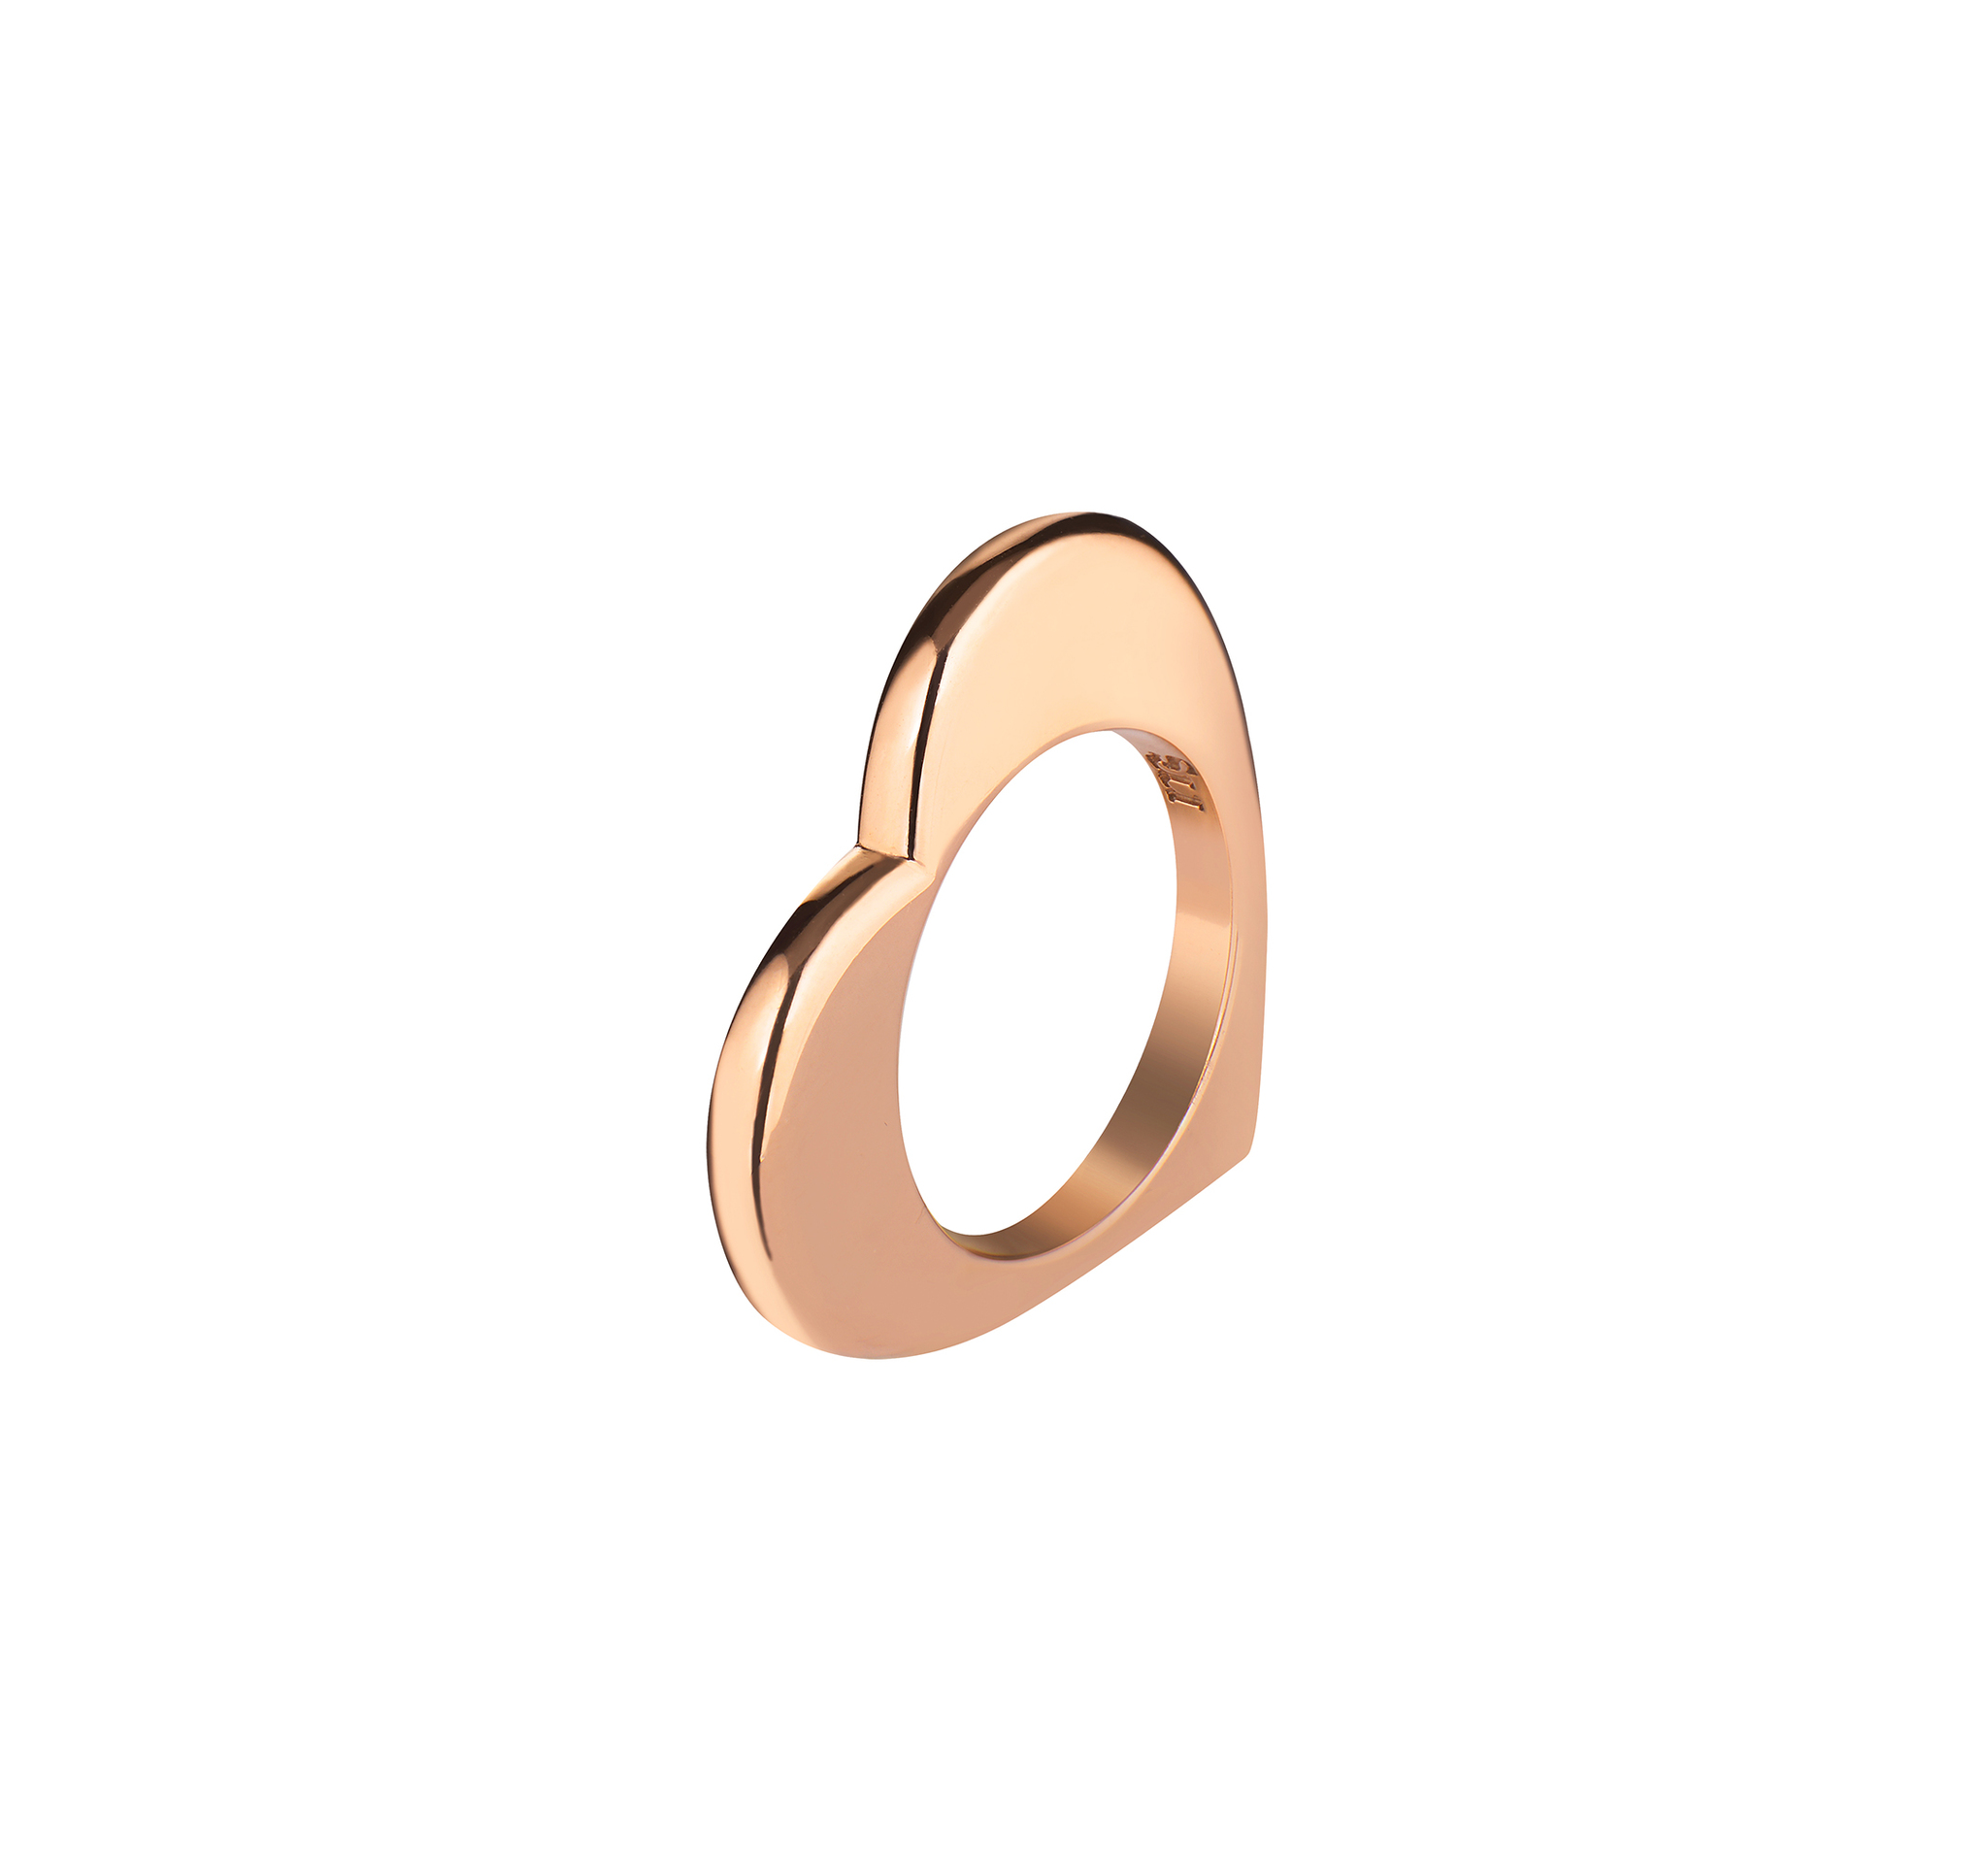 Кольцо из серебра 925 пробы и покрыто розовой позолотой